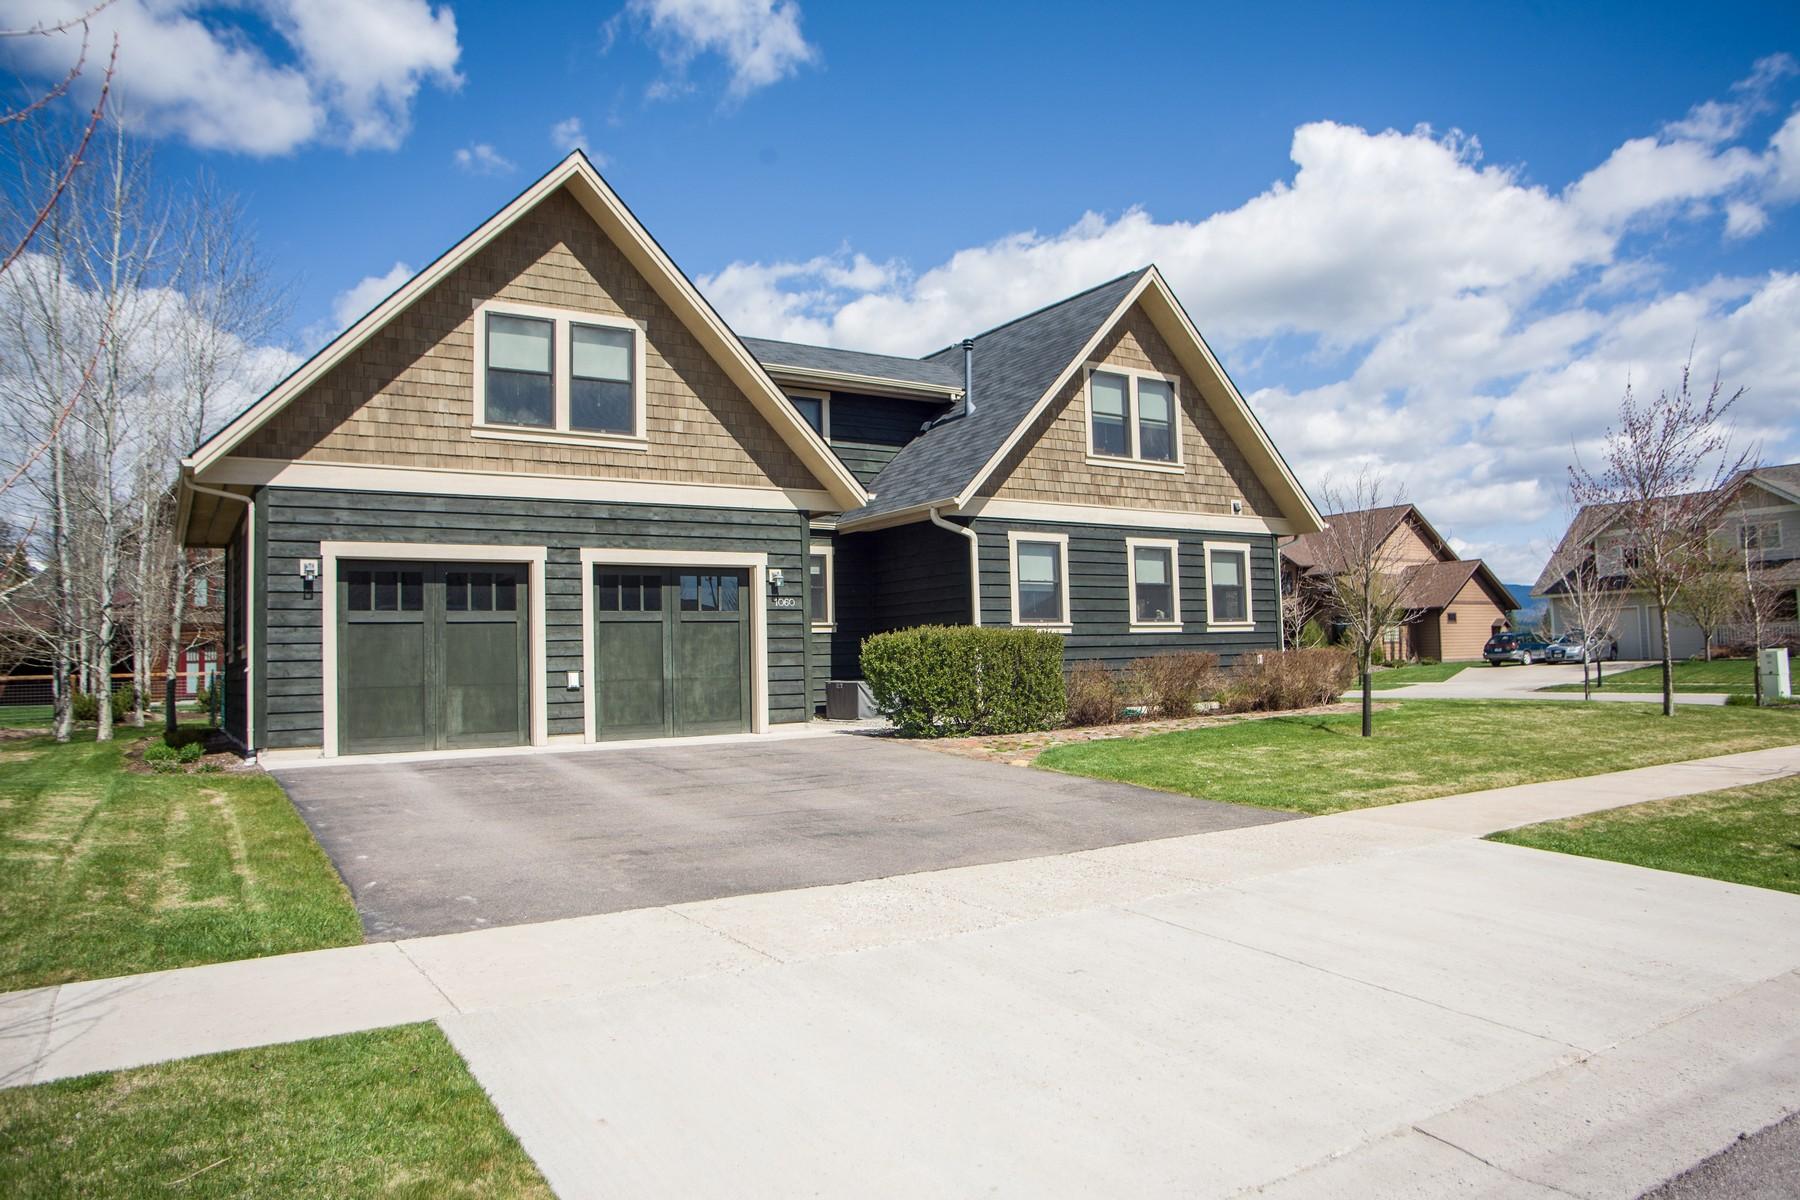 独户住宅 为 销售 在 1060 Creekwood Drive 1060 Creekwood Dr 怀特菲什, 蒙大拿州, 59937 美国